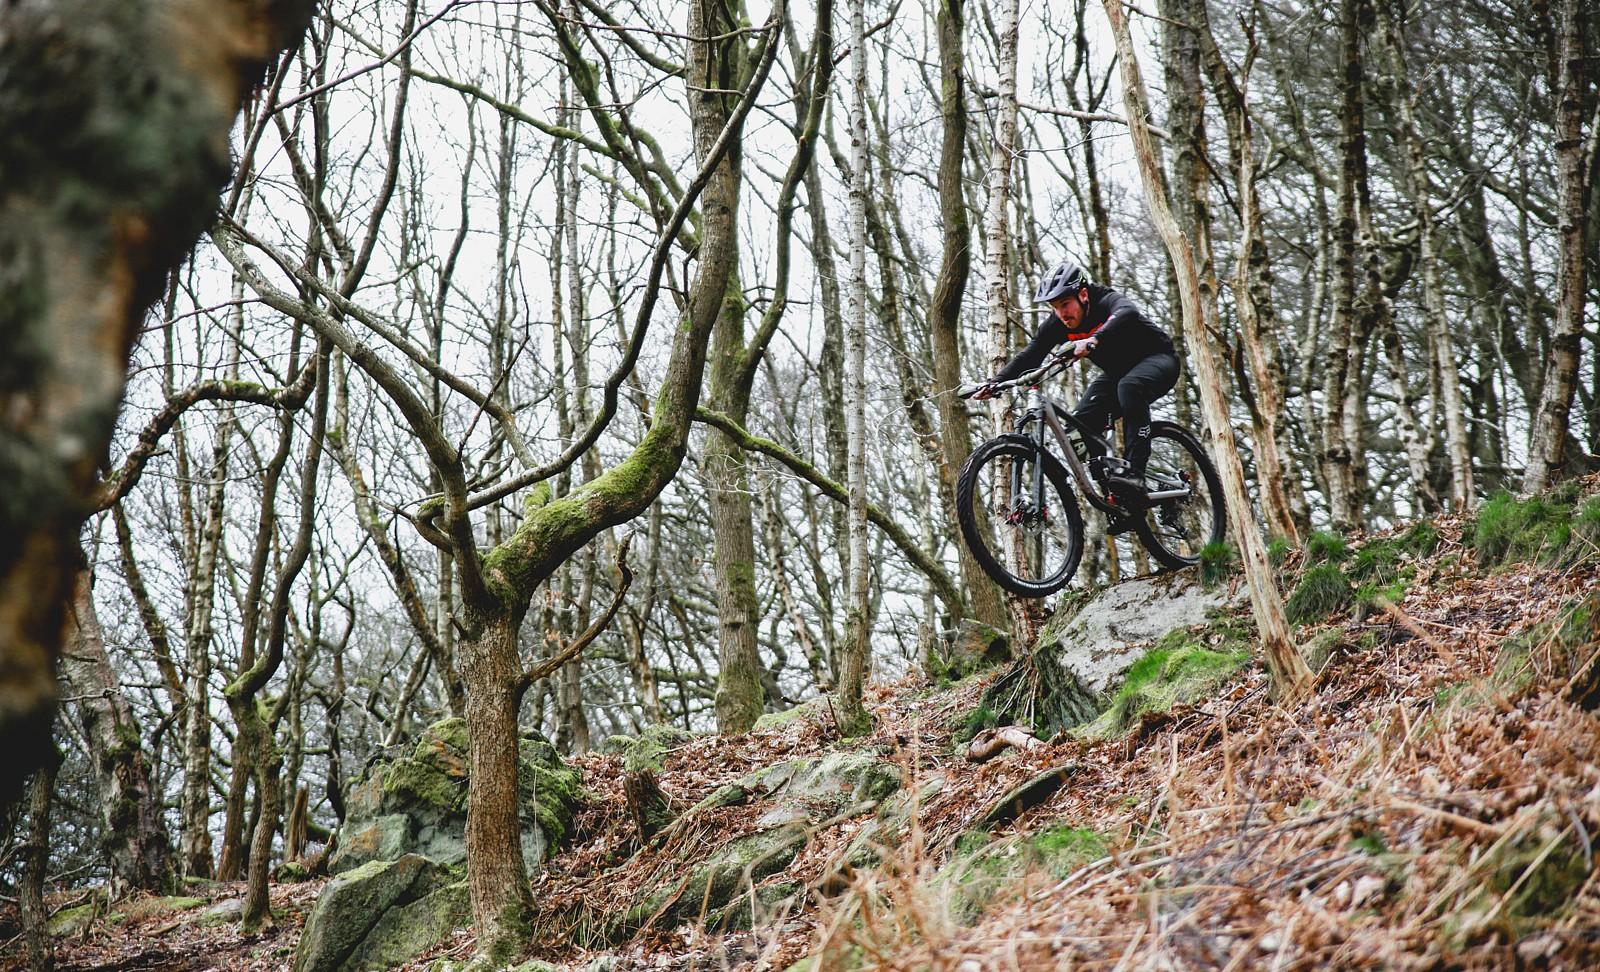 IMG 0615-2 - Mushrum - Mountain Biking Pictures - Vital MTB